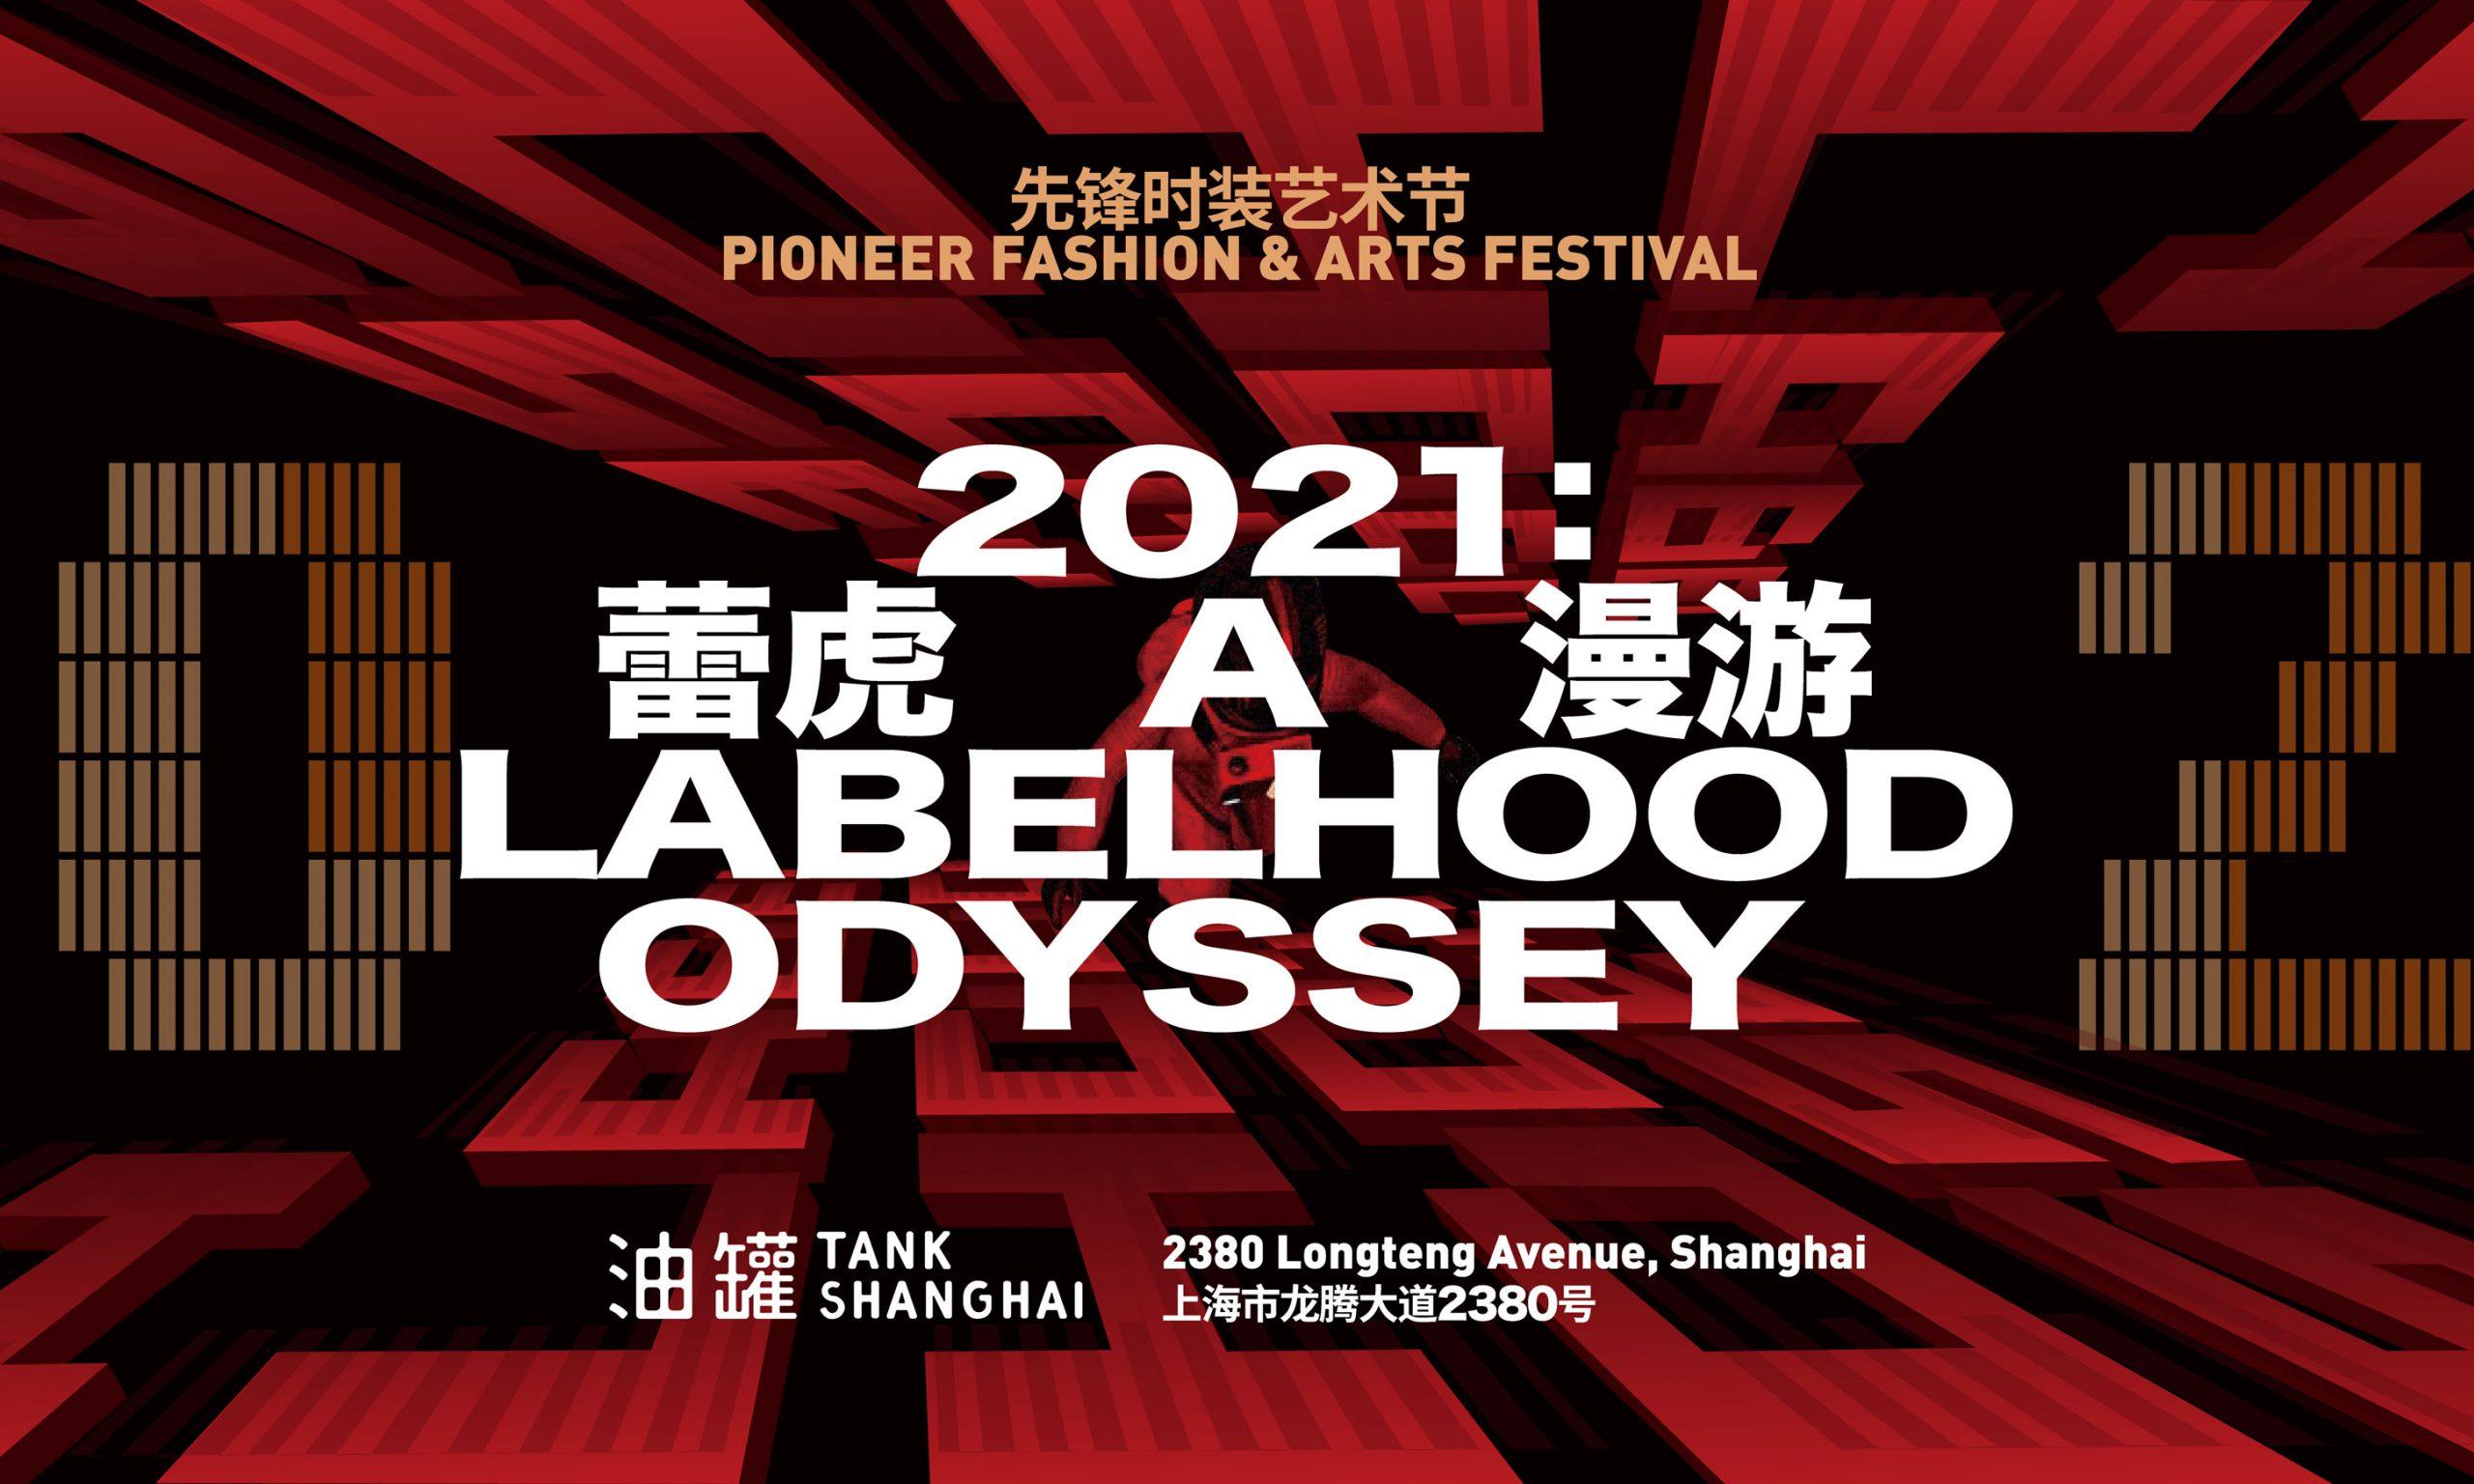 第十一季 LABELHOOD 蕾虎先锋时装艺术节即将正式开启